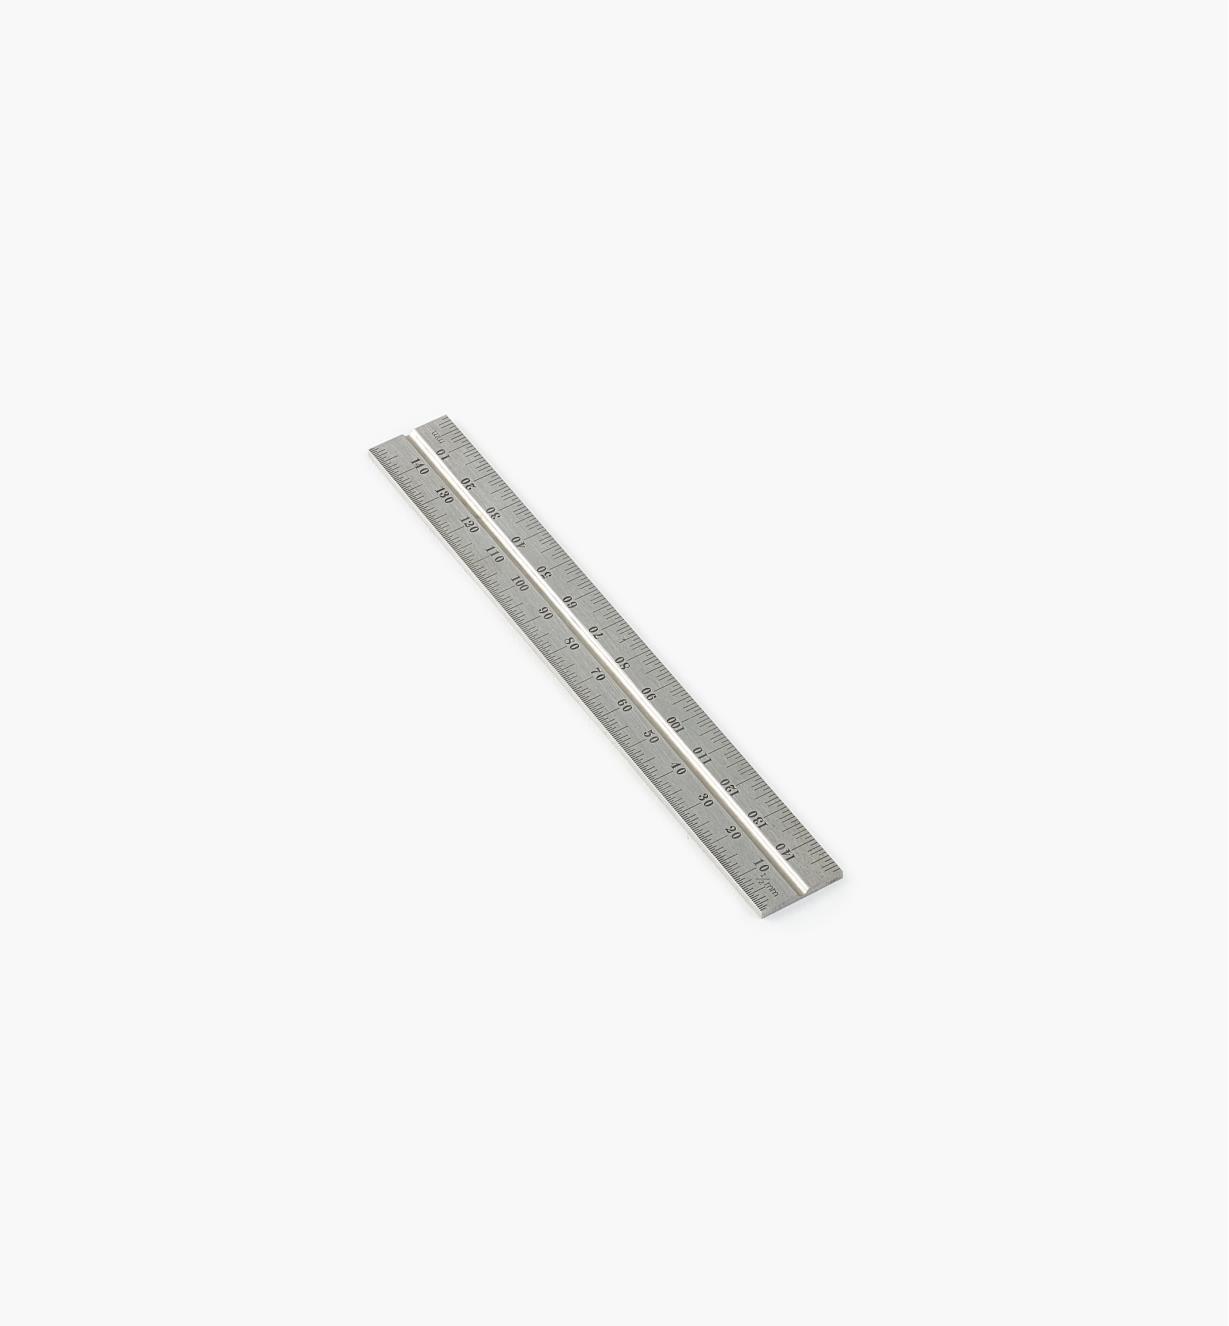 30N3140 - Règle métrique de 150mm au fini standard pour têtes d'équerre de 6po et 150mm Starrett